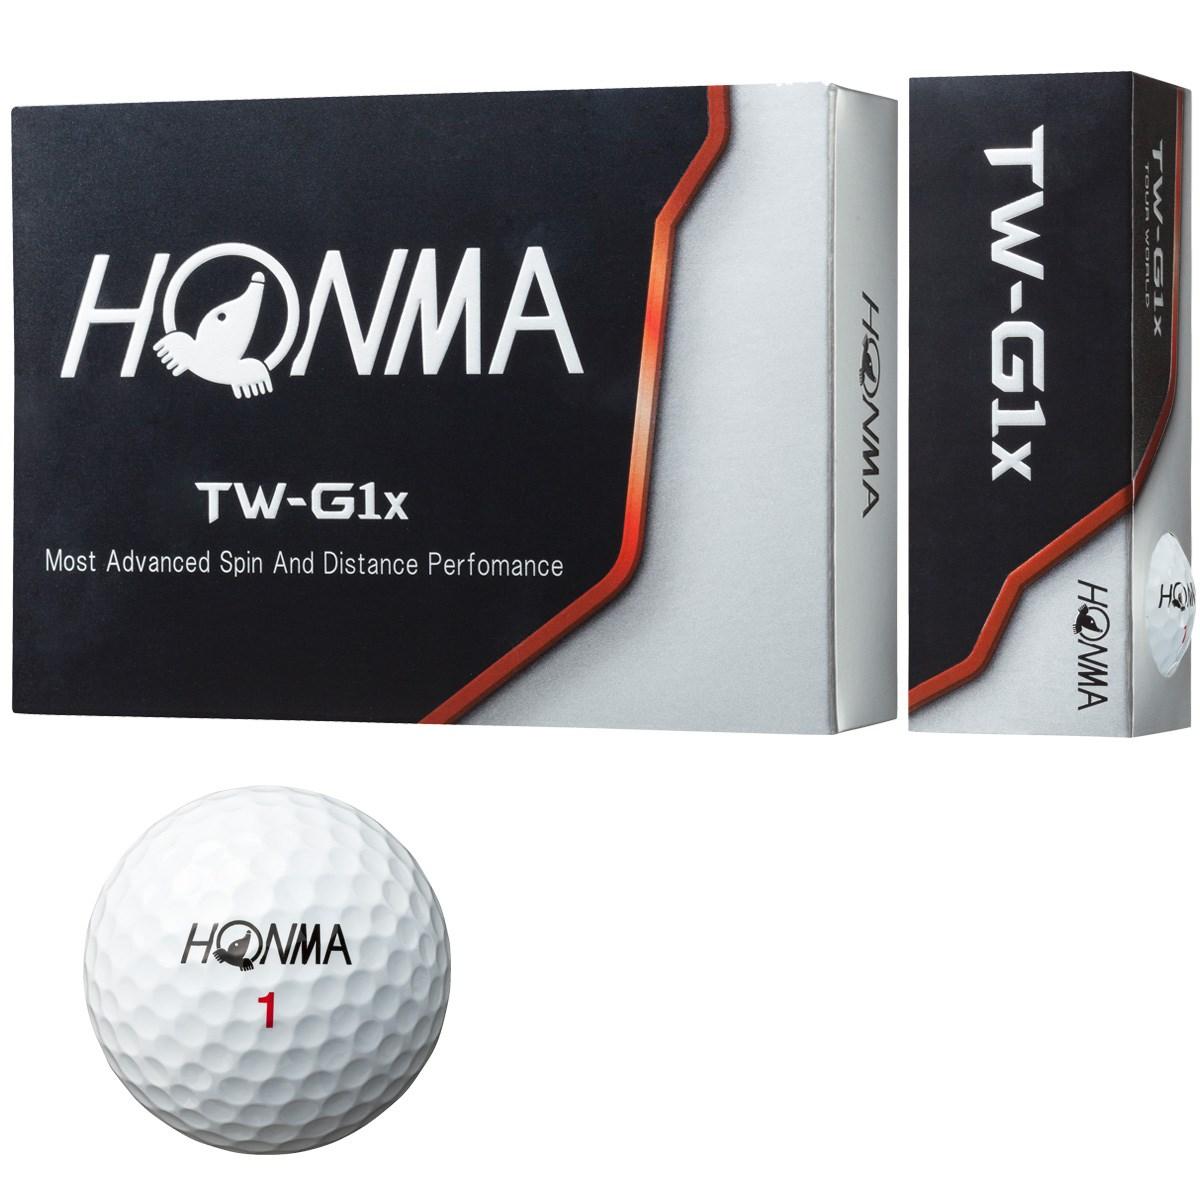 本間ゴルフ(HONMA GOLF) TW-G1x ボール